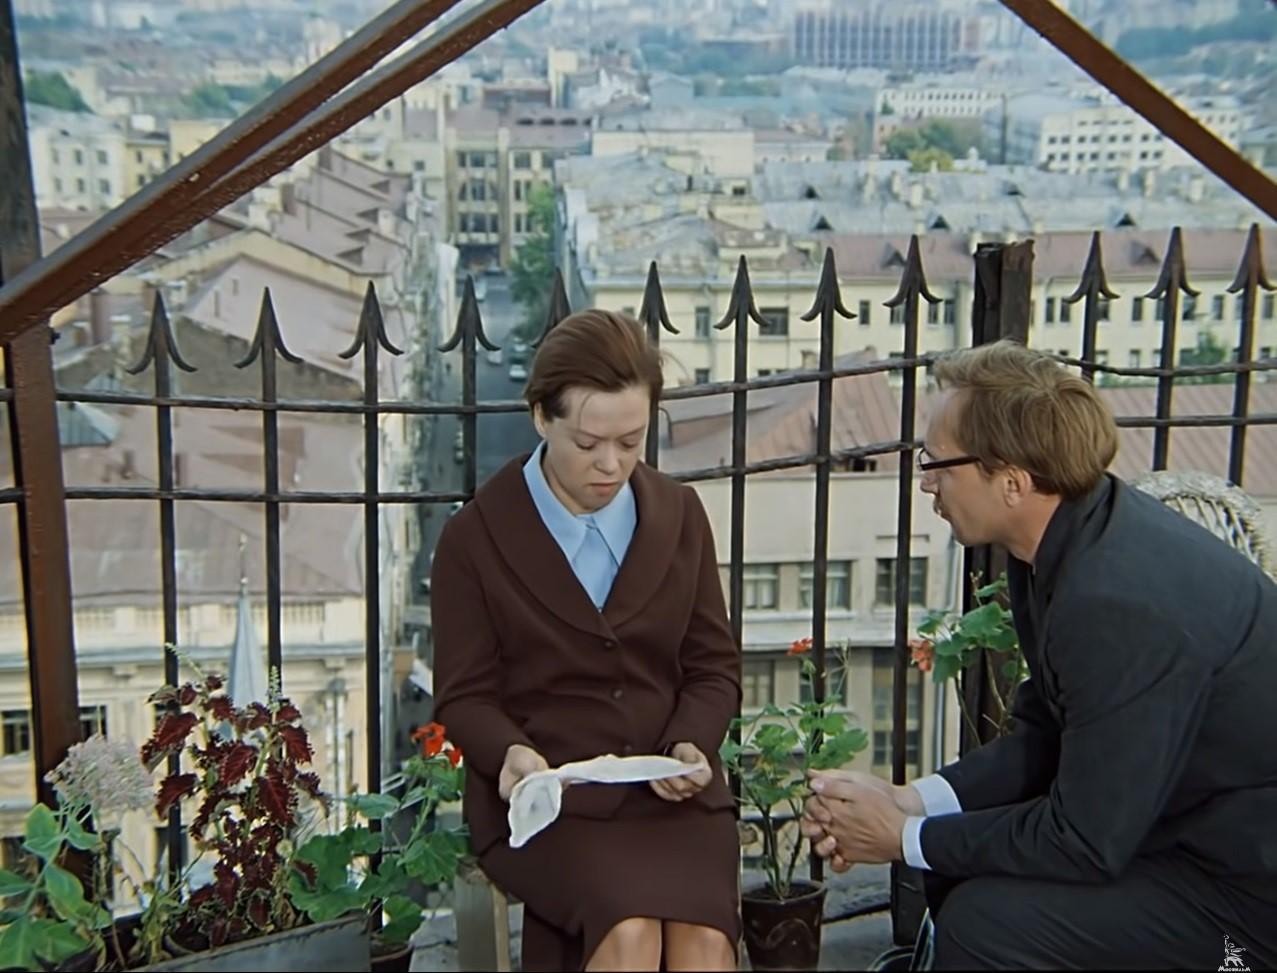 Искажённые ценности: почему не стоит увлекаться советскими фильмами. Мнение психолога